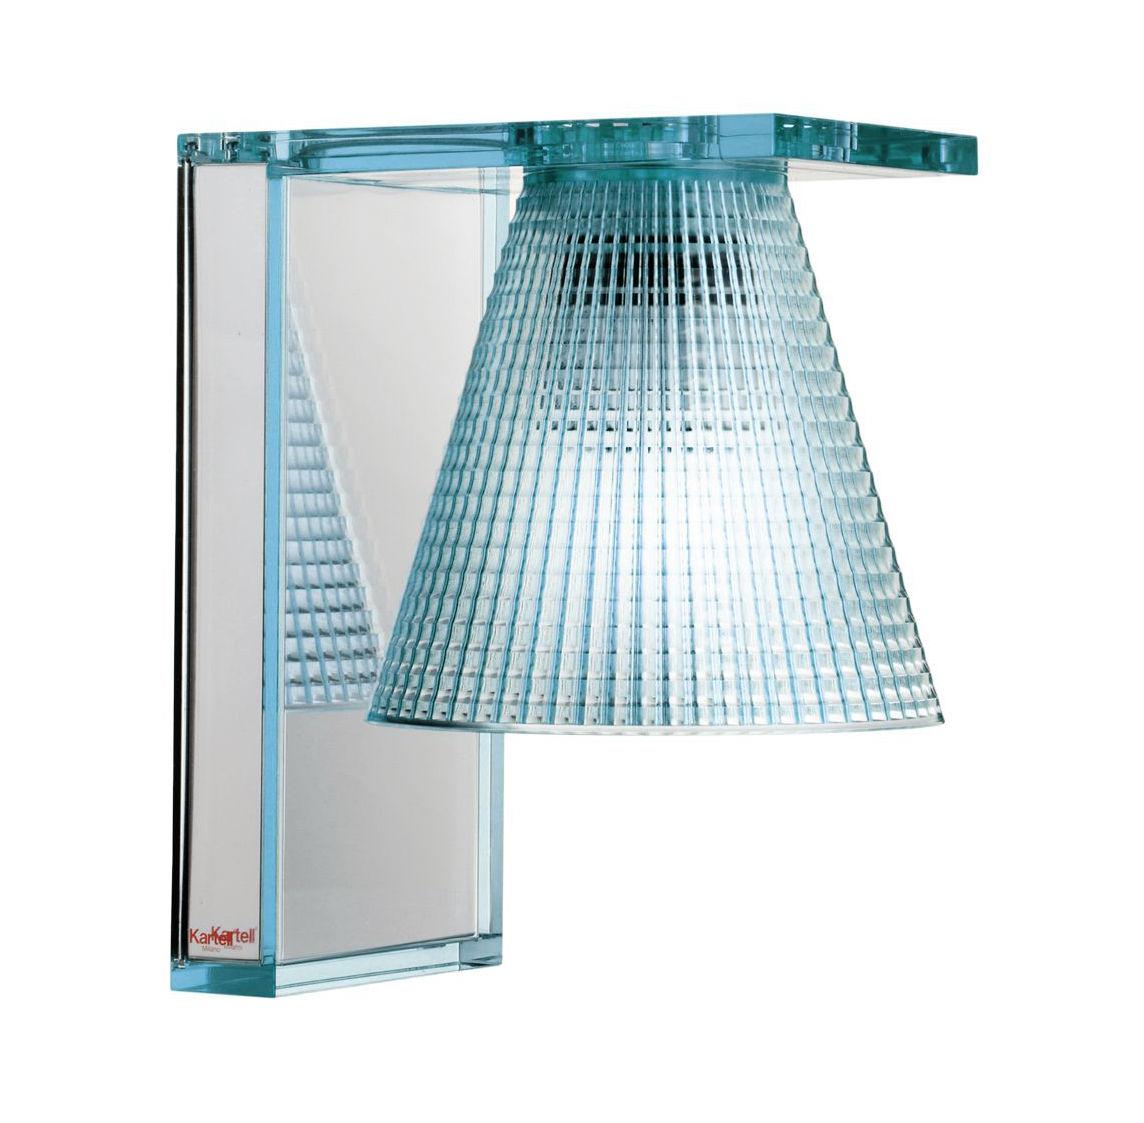 applique light air abat jour plastique sculpt bleu plaque murale miroir kartell. Black Bedroom Furniture Sets. Home Design Ideas